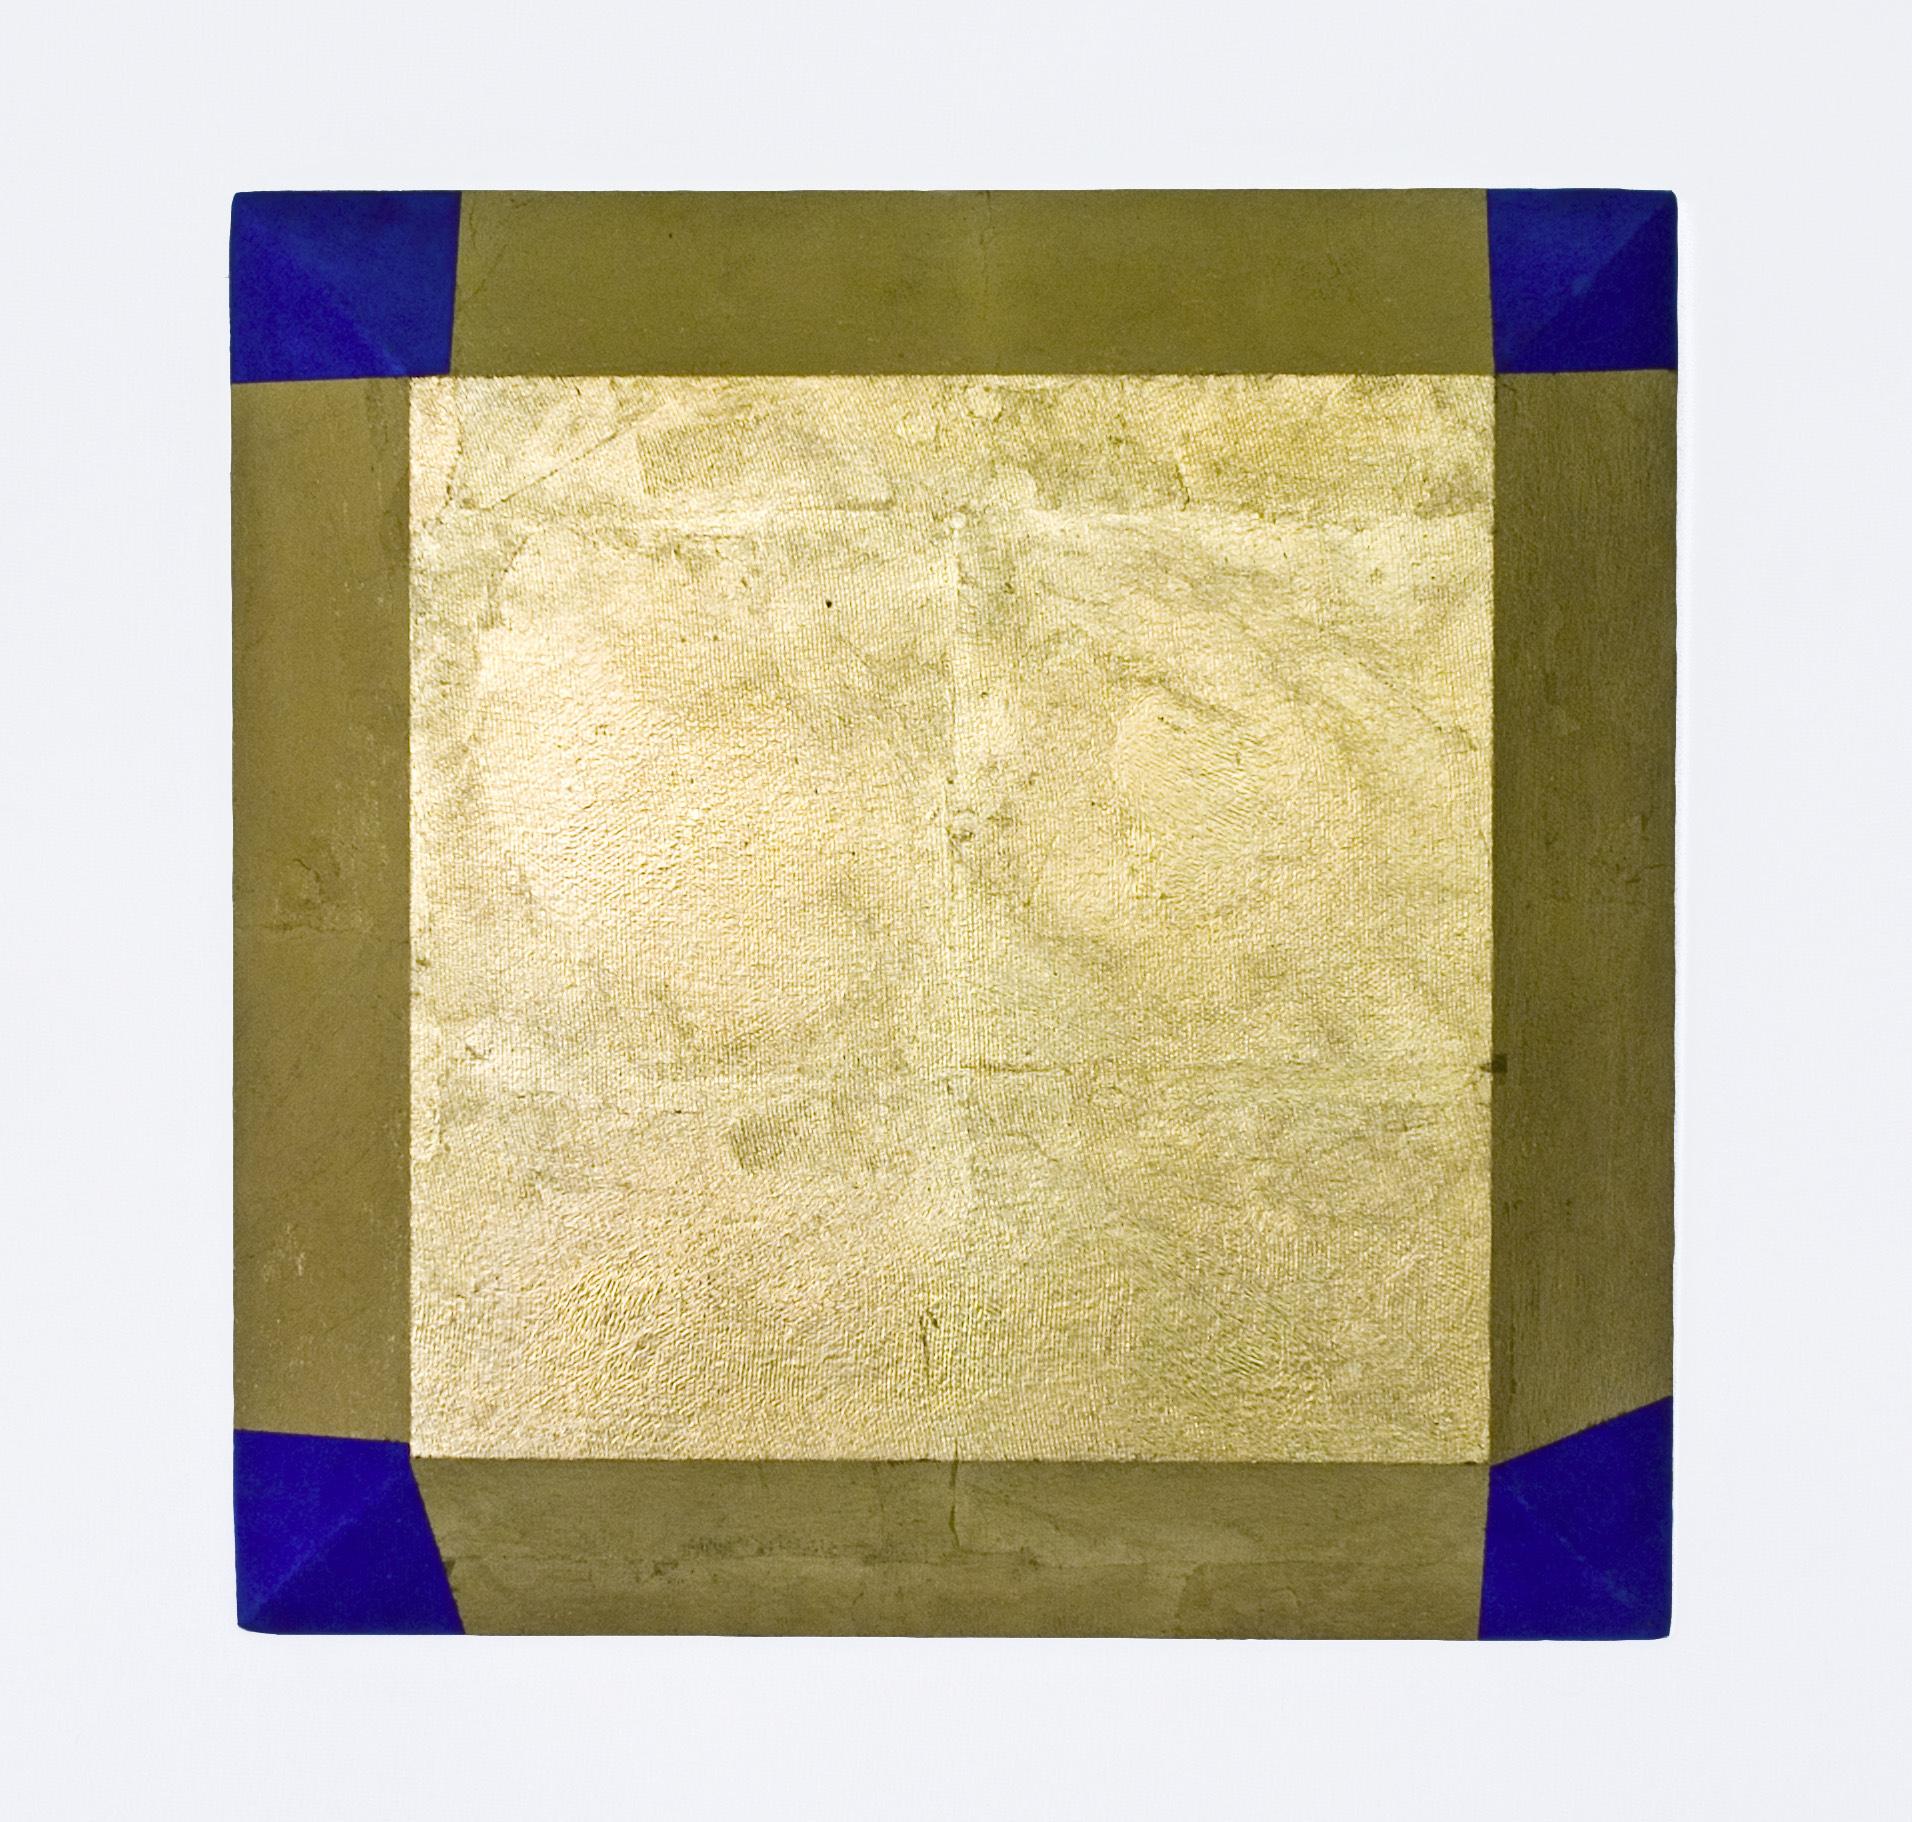 akril, medenina, les, 65 x 65 cm, 2000